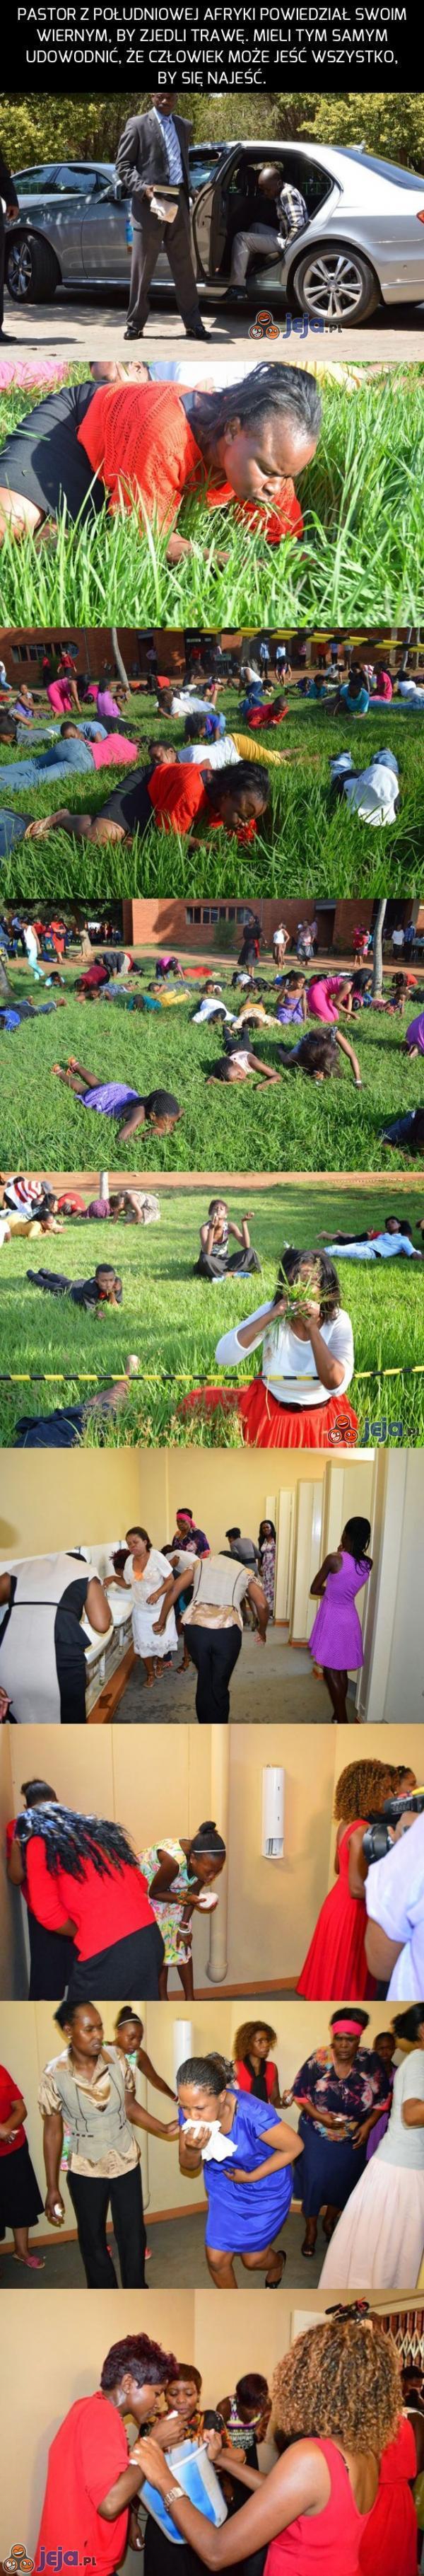 Pastor kazał im jeść trawę